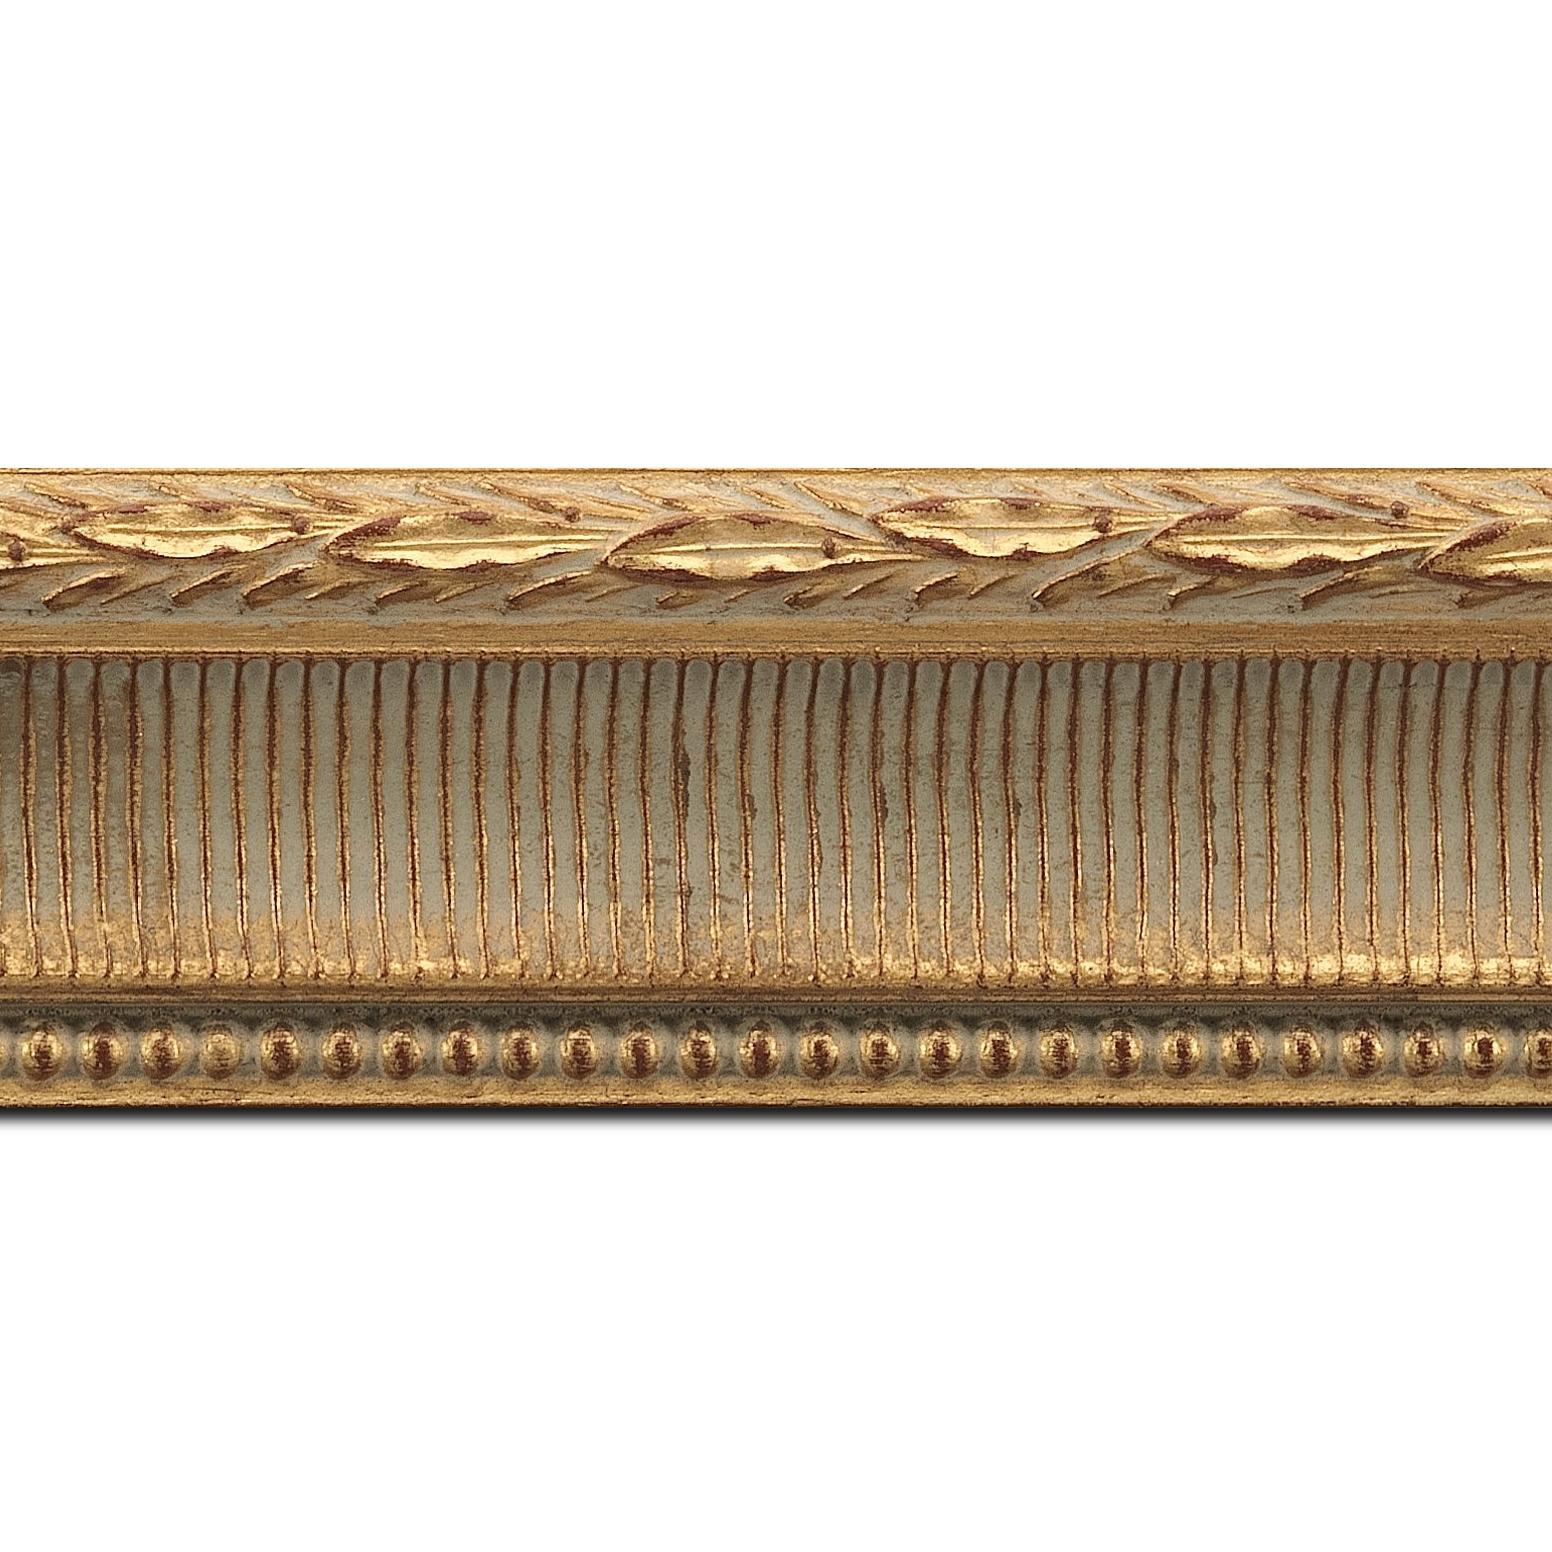 Baguette longueur 1.40m bois profil incurvé largeur 6cm or antique  empire à canaux